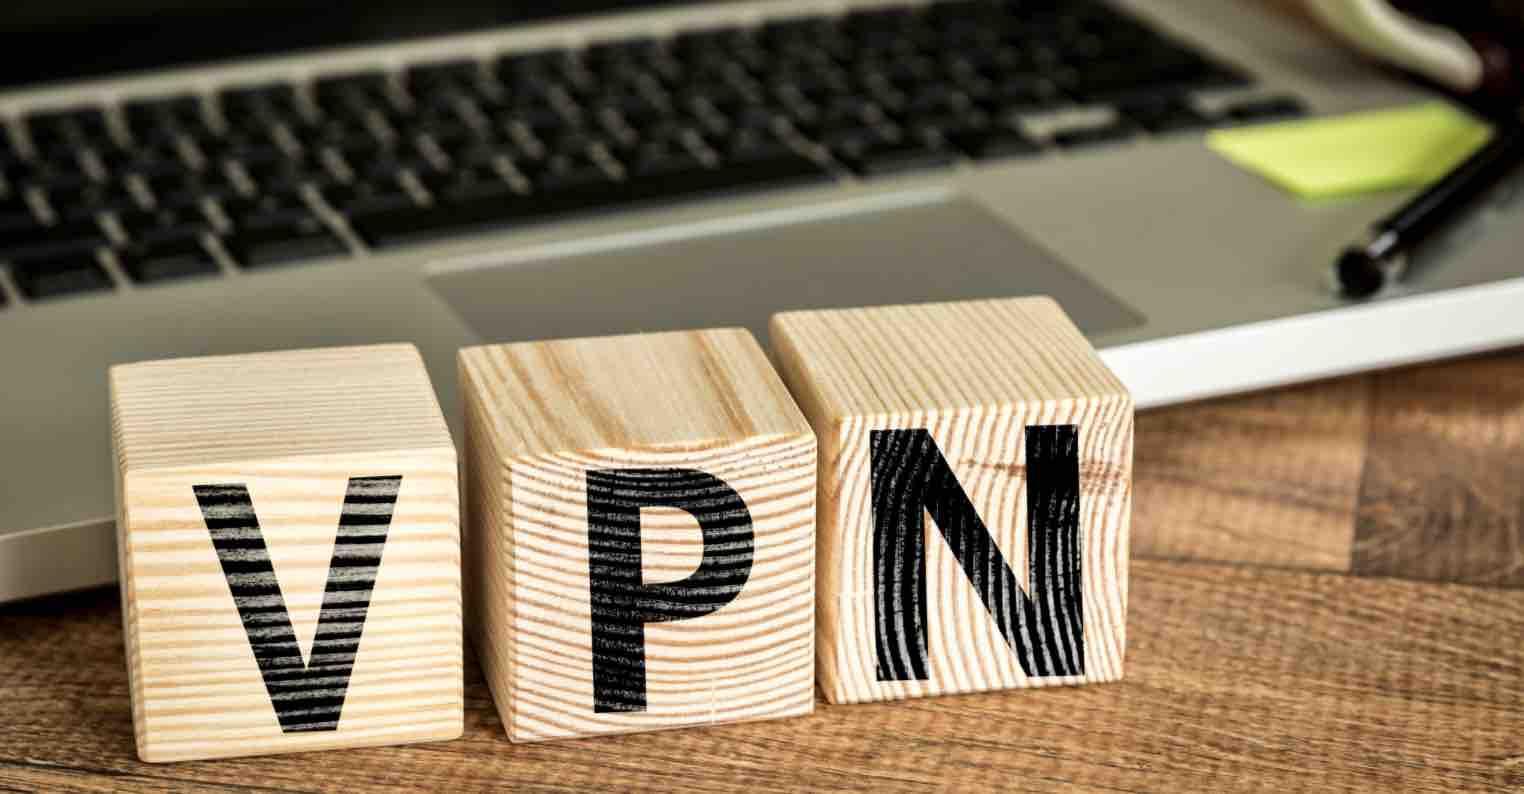 VPN VÀ NHỮNG ĐIỀU CẦN BIẾT